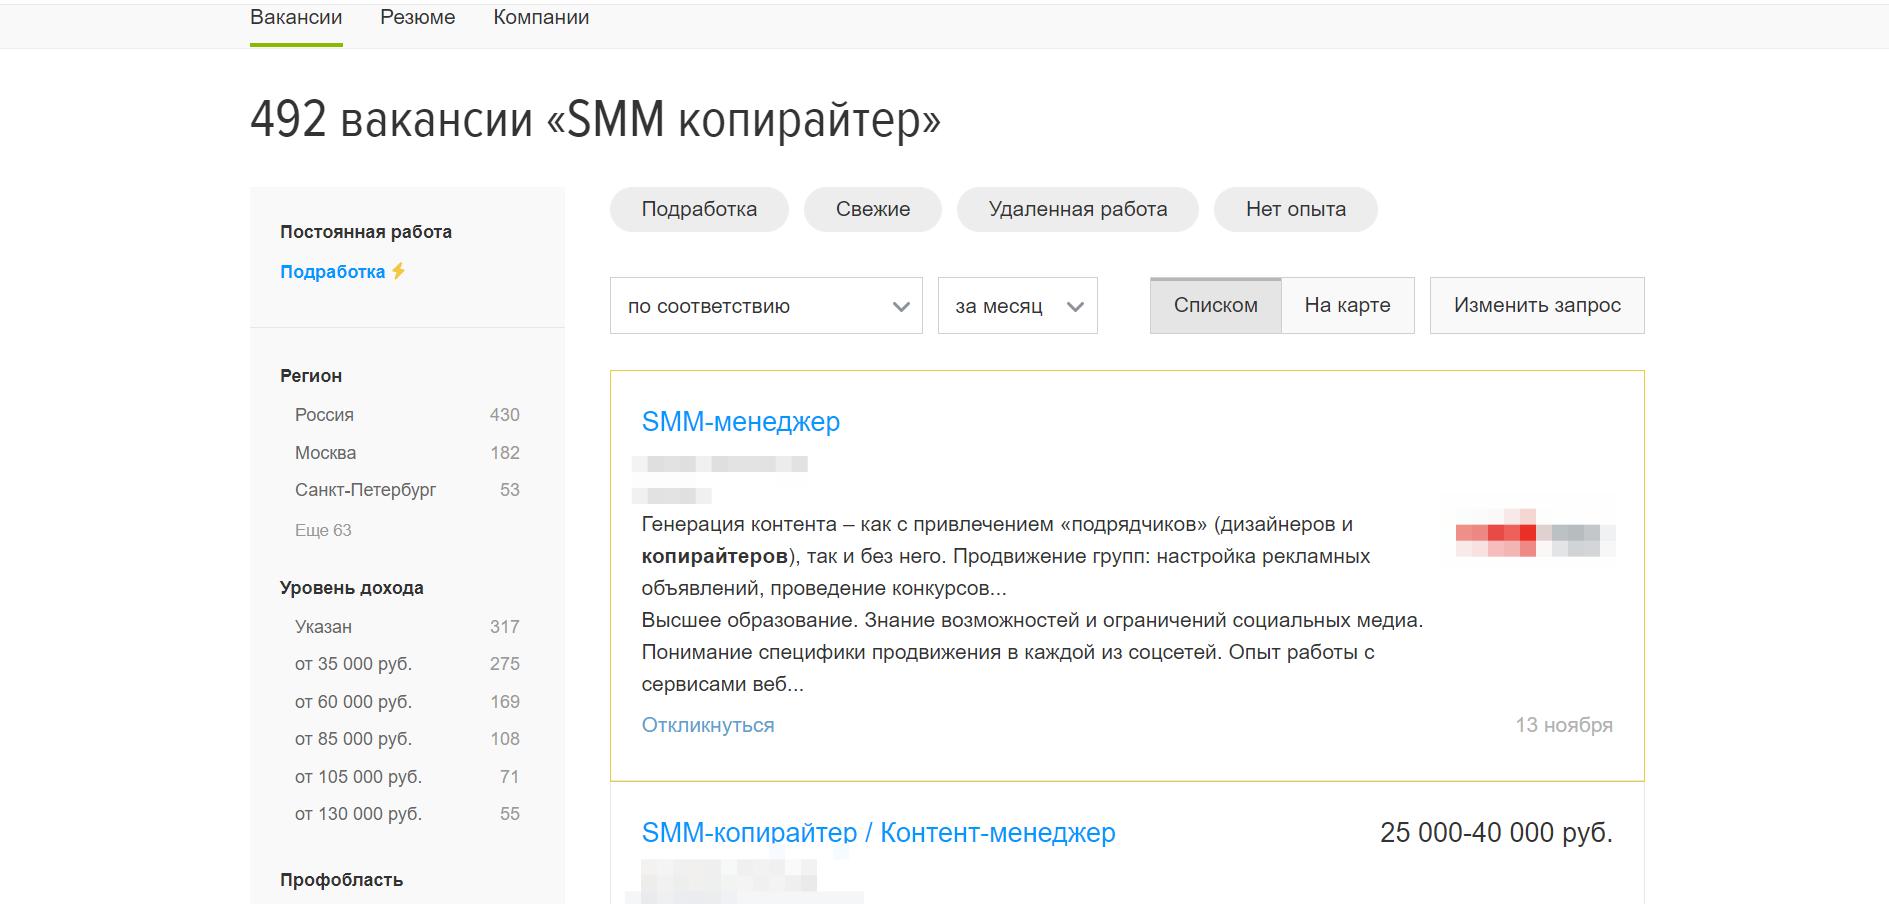 Статистика зарплат SMM-копирайтеров